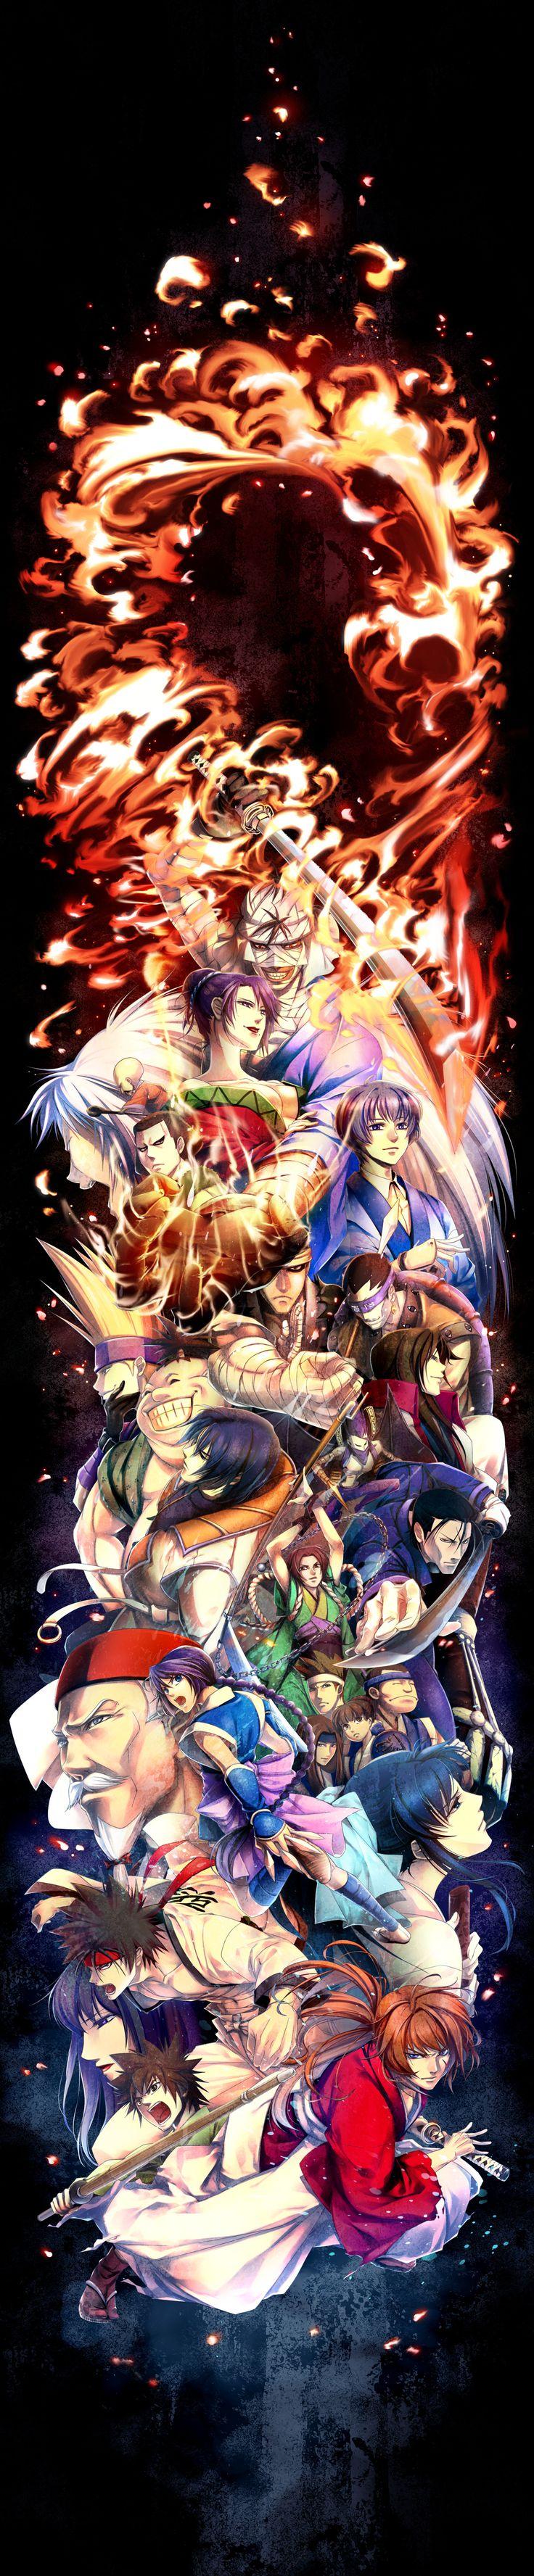 Rurouni Kenshin ( Samurai X)